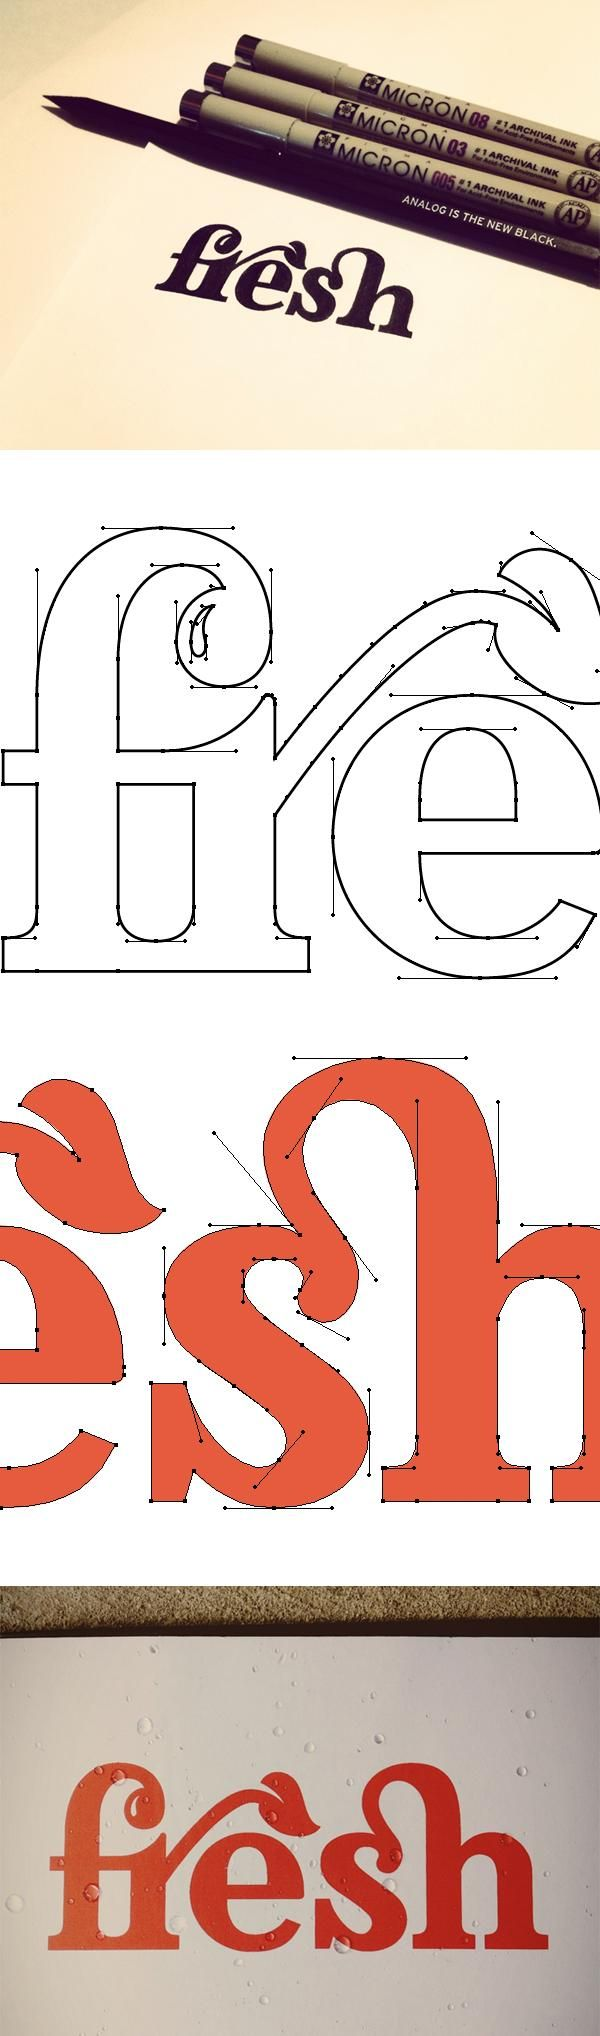 //typographic identity design featuring ligatures